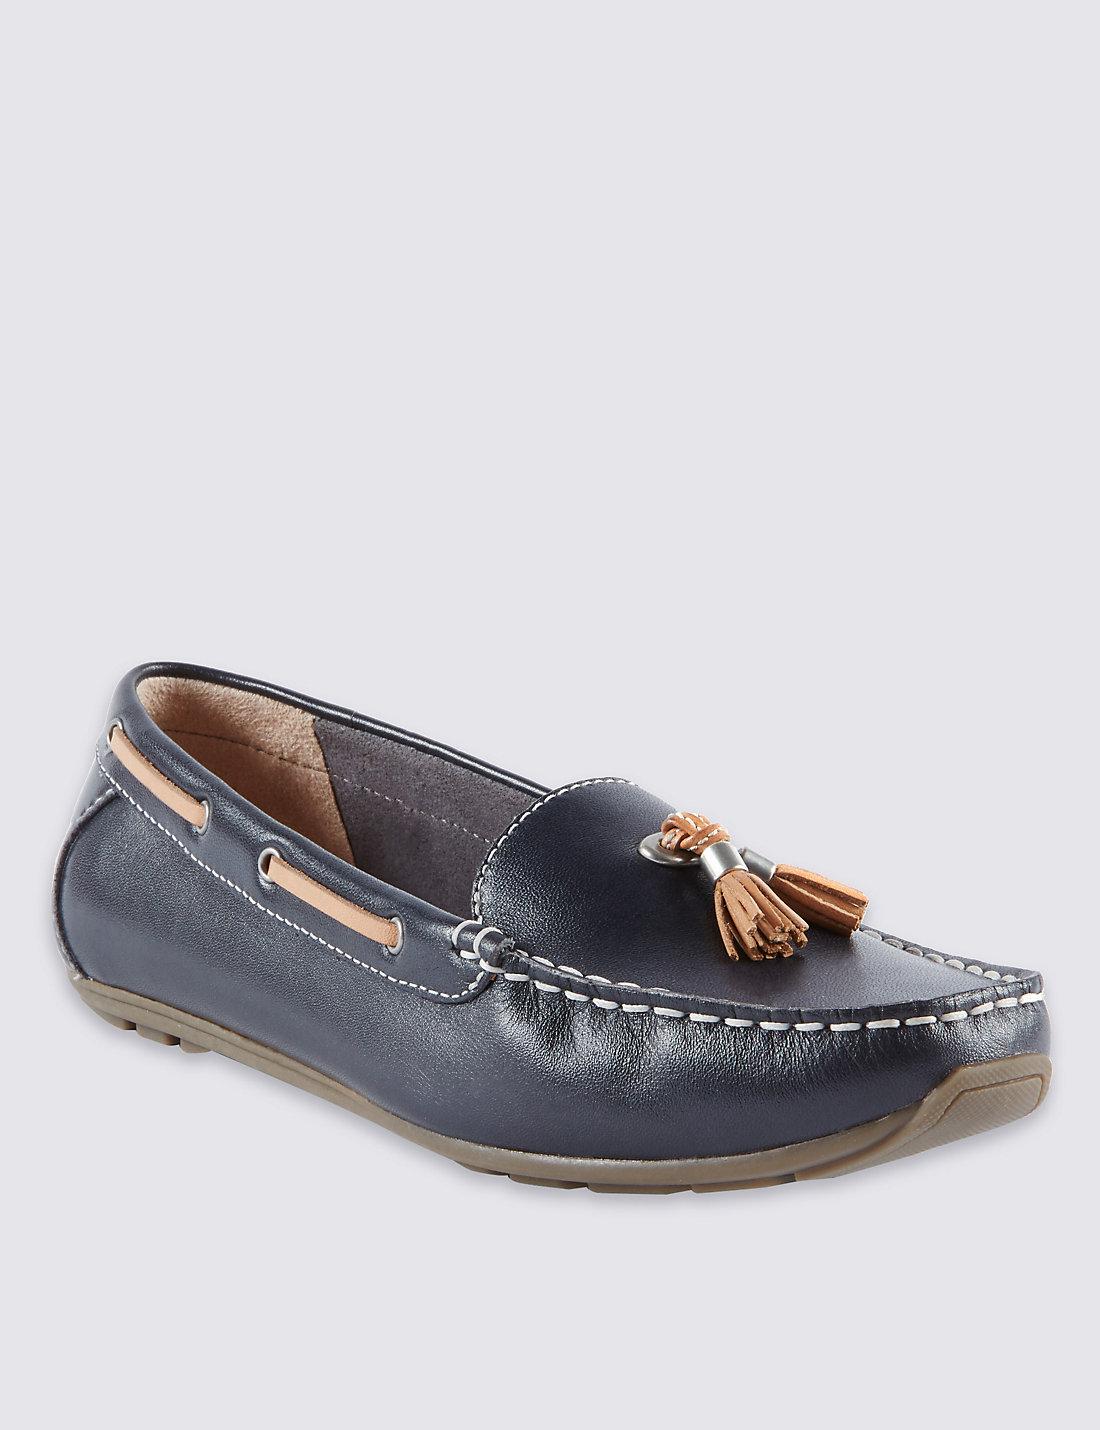 Low Heel | Kitten Heel Shoes | M&S